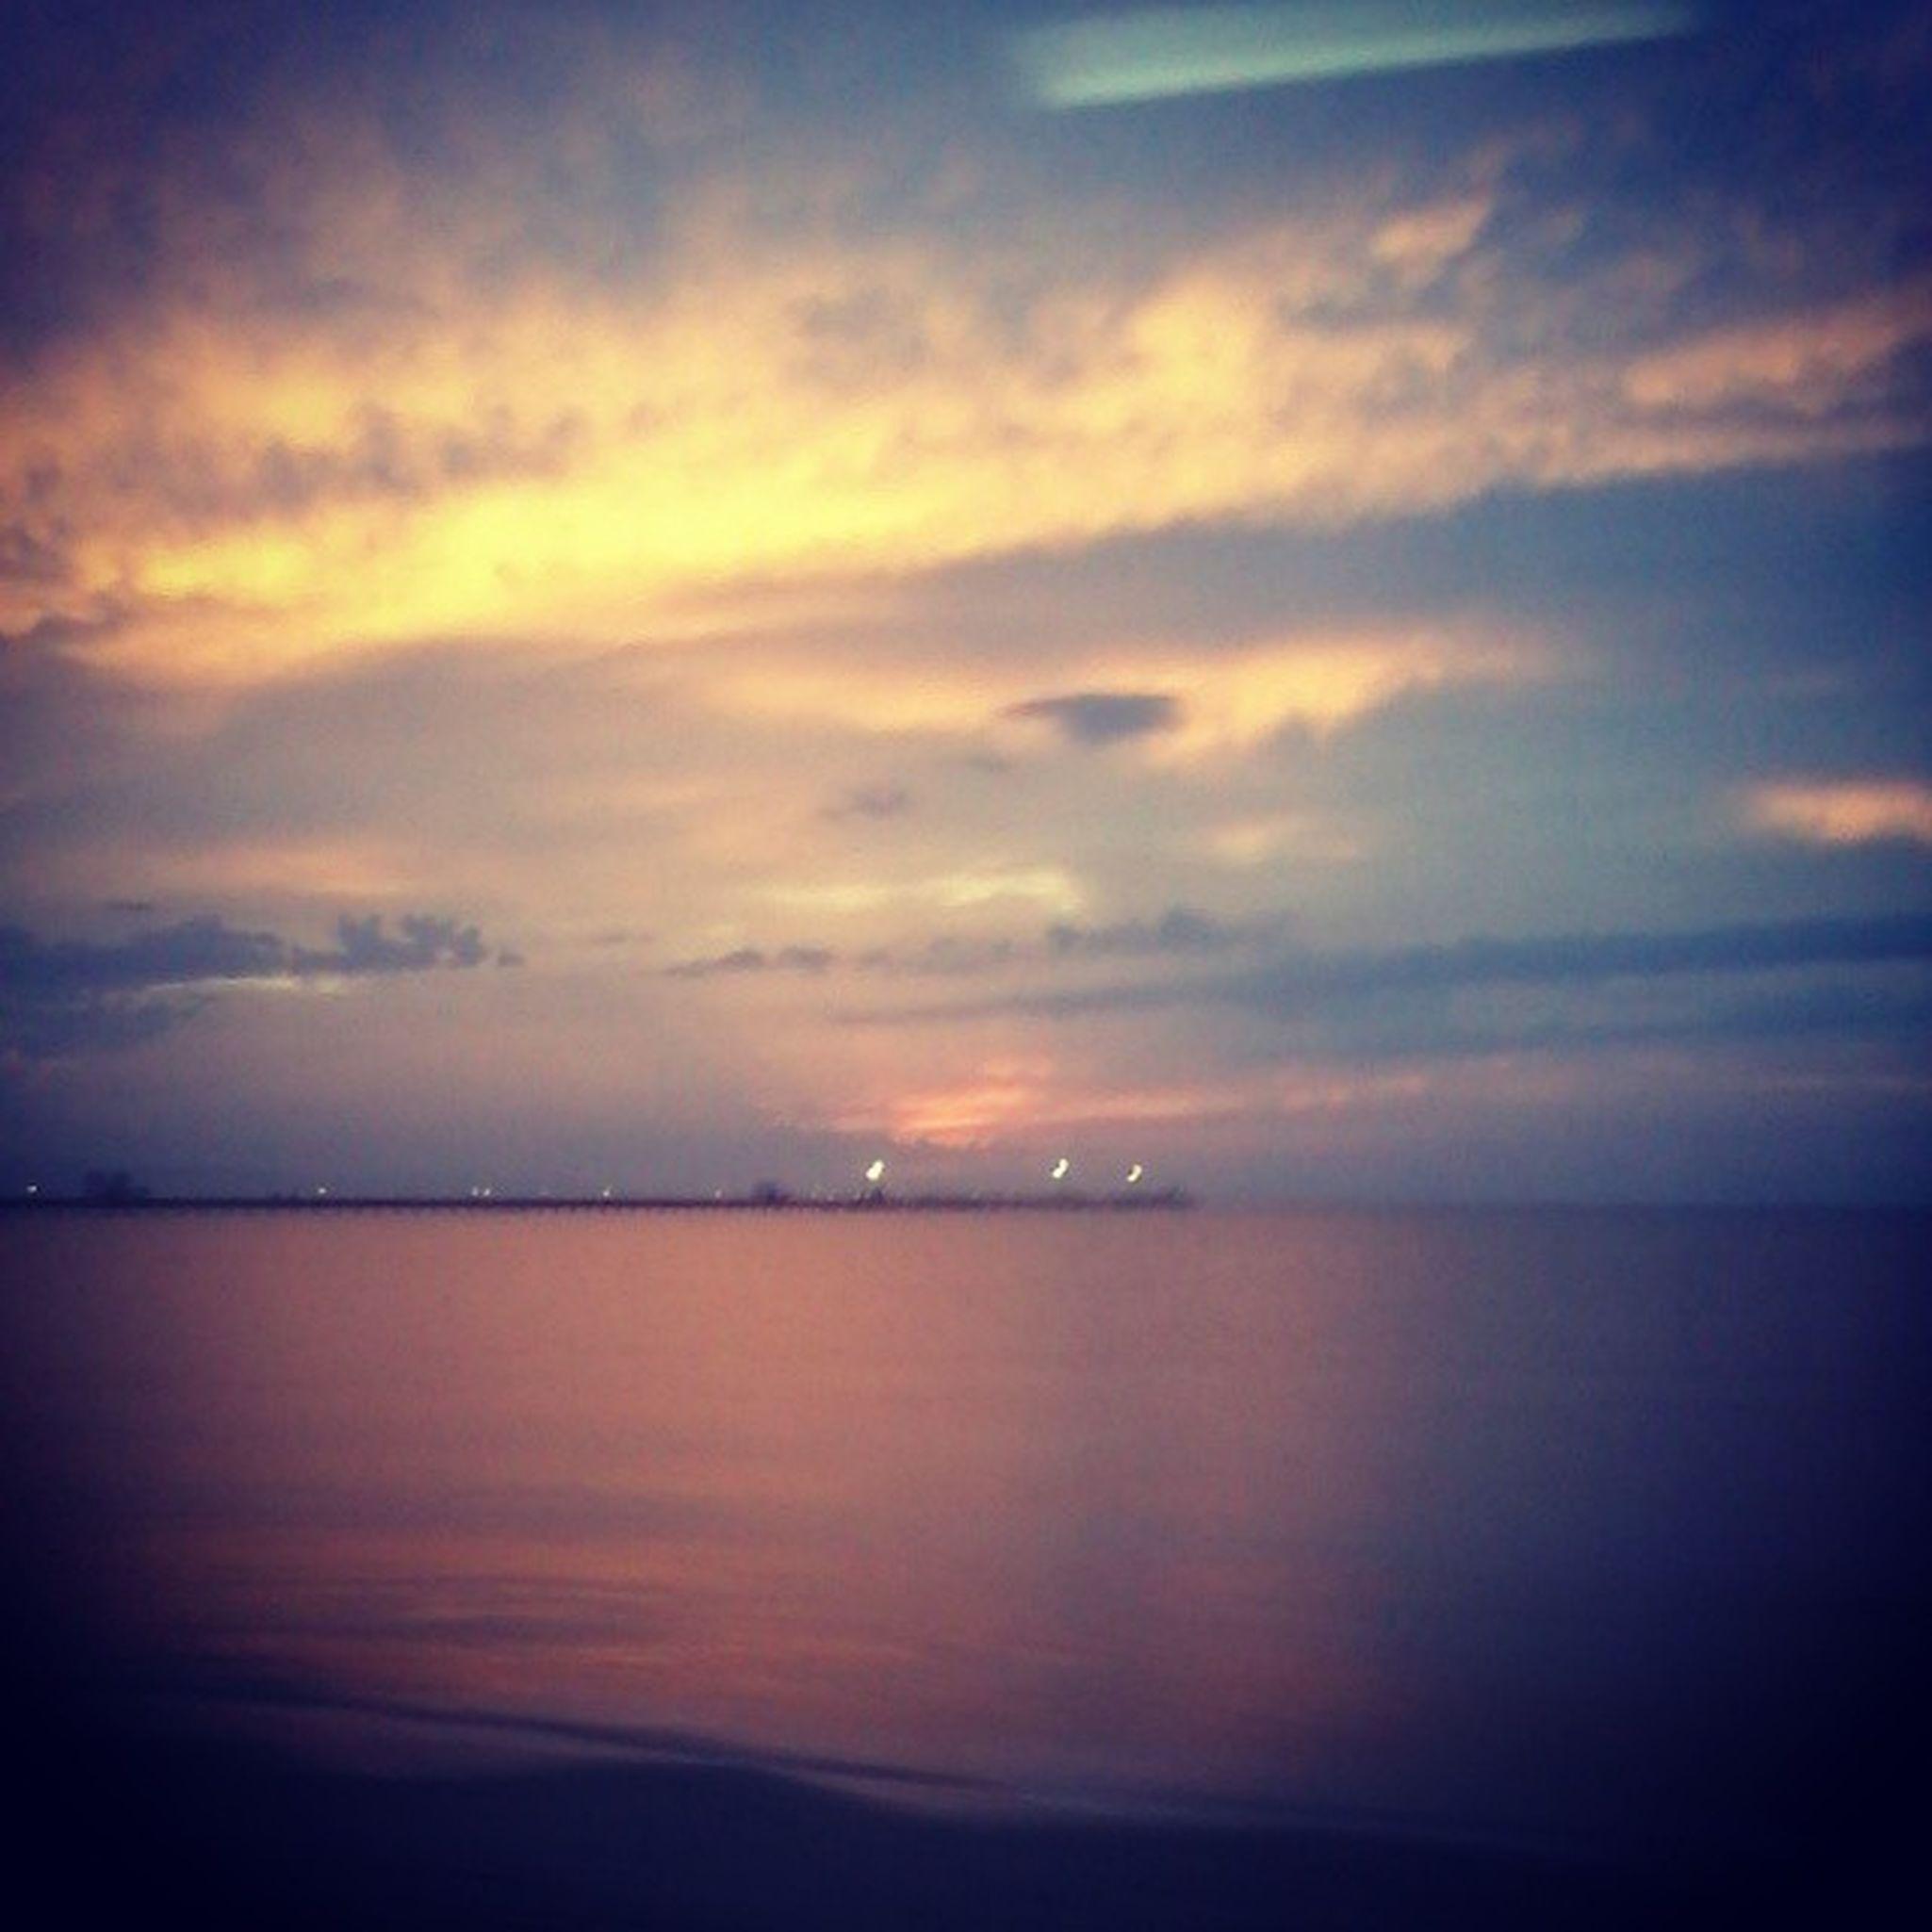 Sonno leggero in pullman Arst Linearossa Sunrise Sea giorgino clouds red